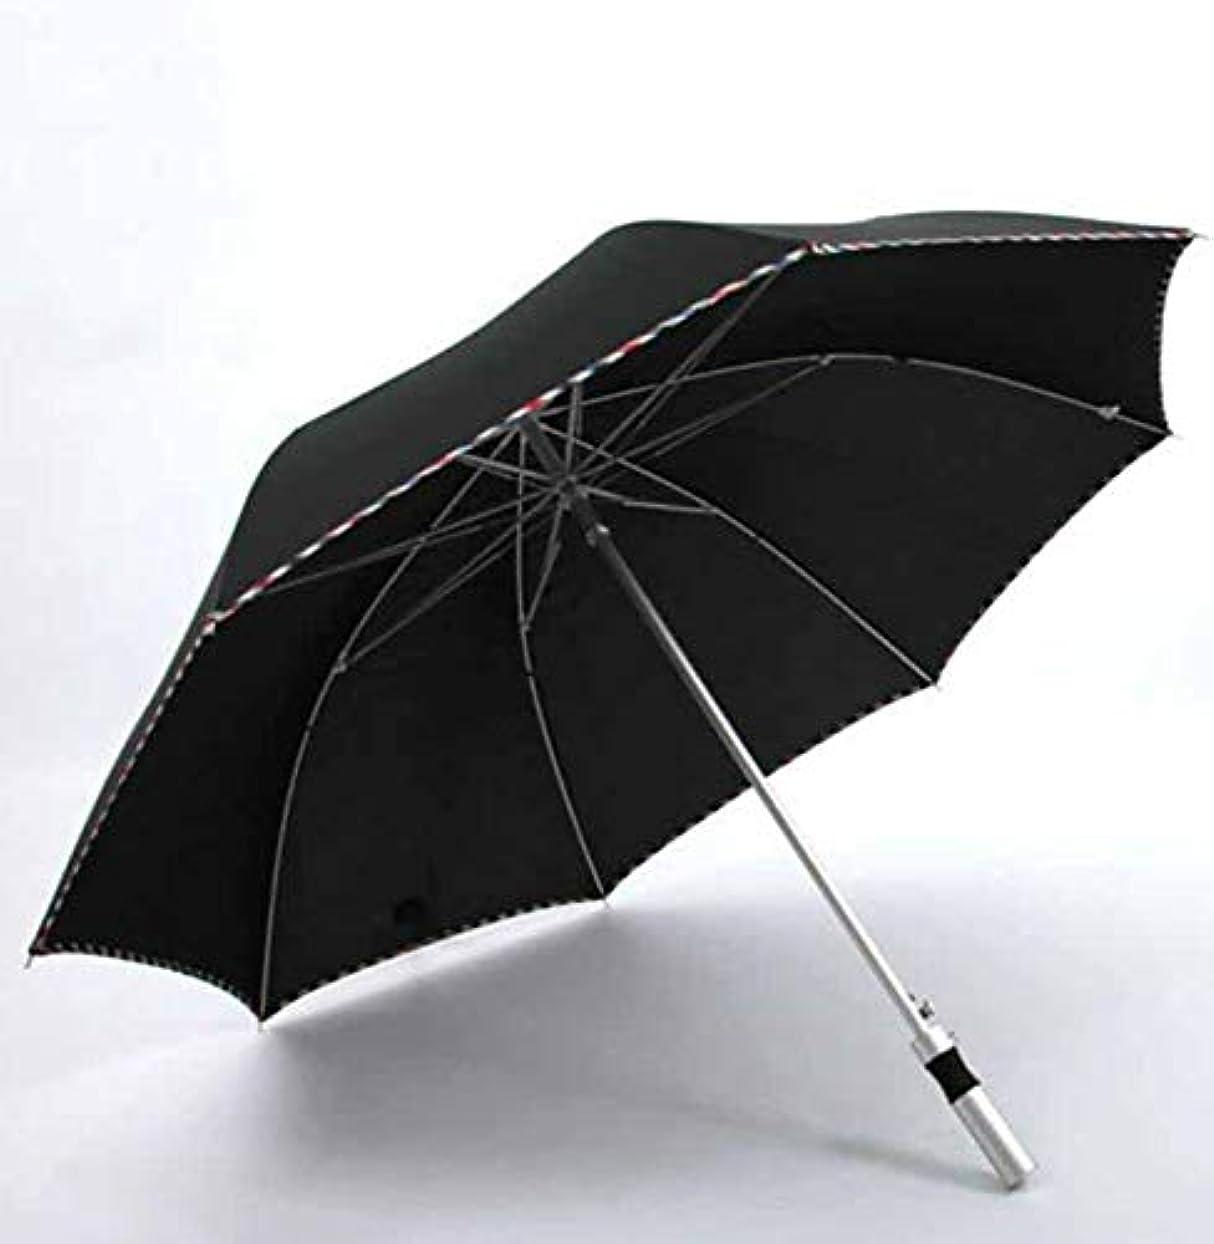 乱気流最大写真撮影Chuangshengnet 反傘日傘を運ぶのが簡単な傘アルミ傘軽量 (Color : ブラック)